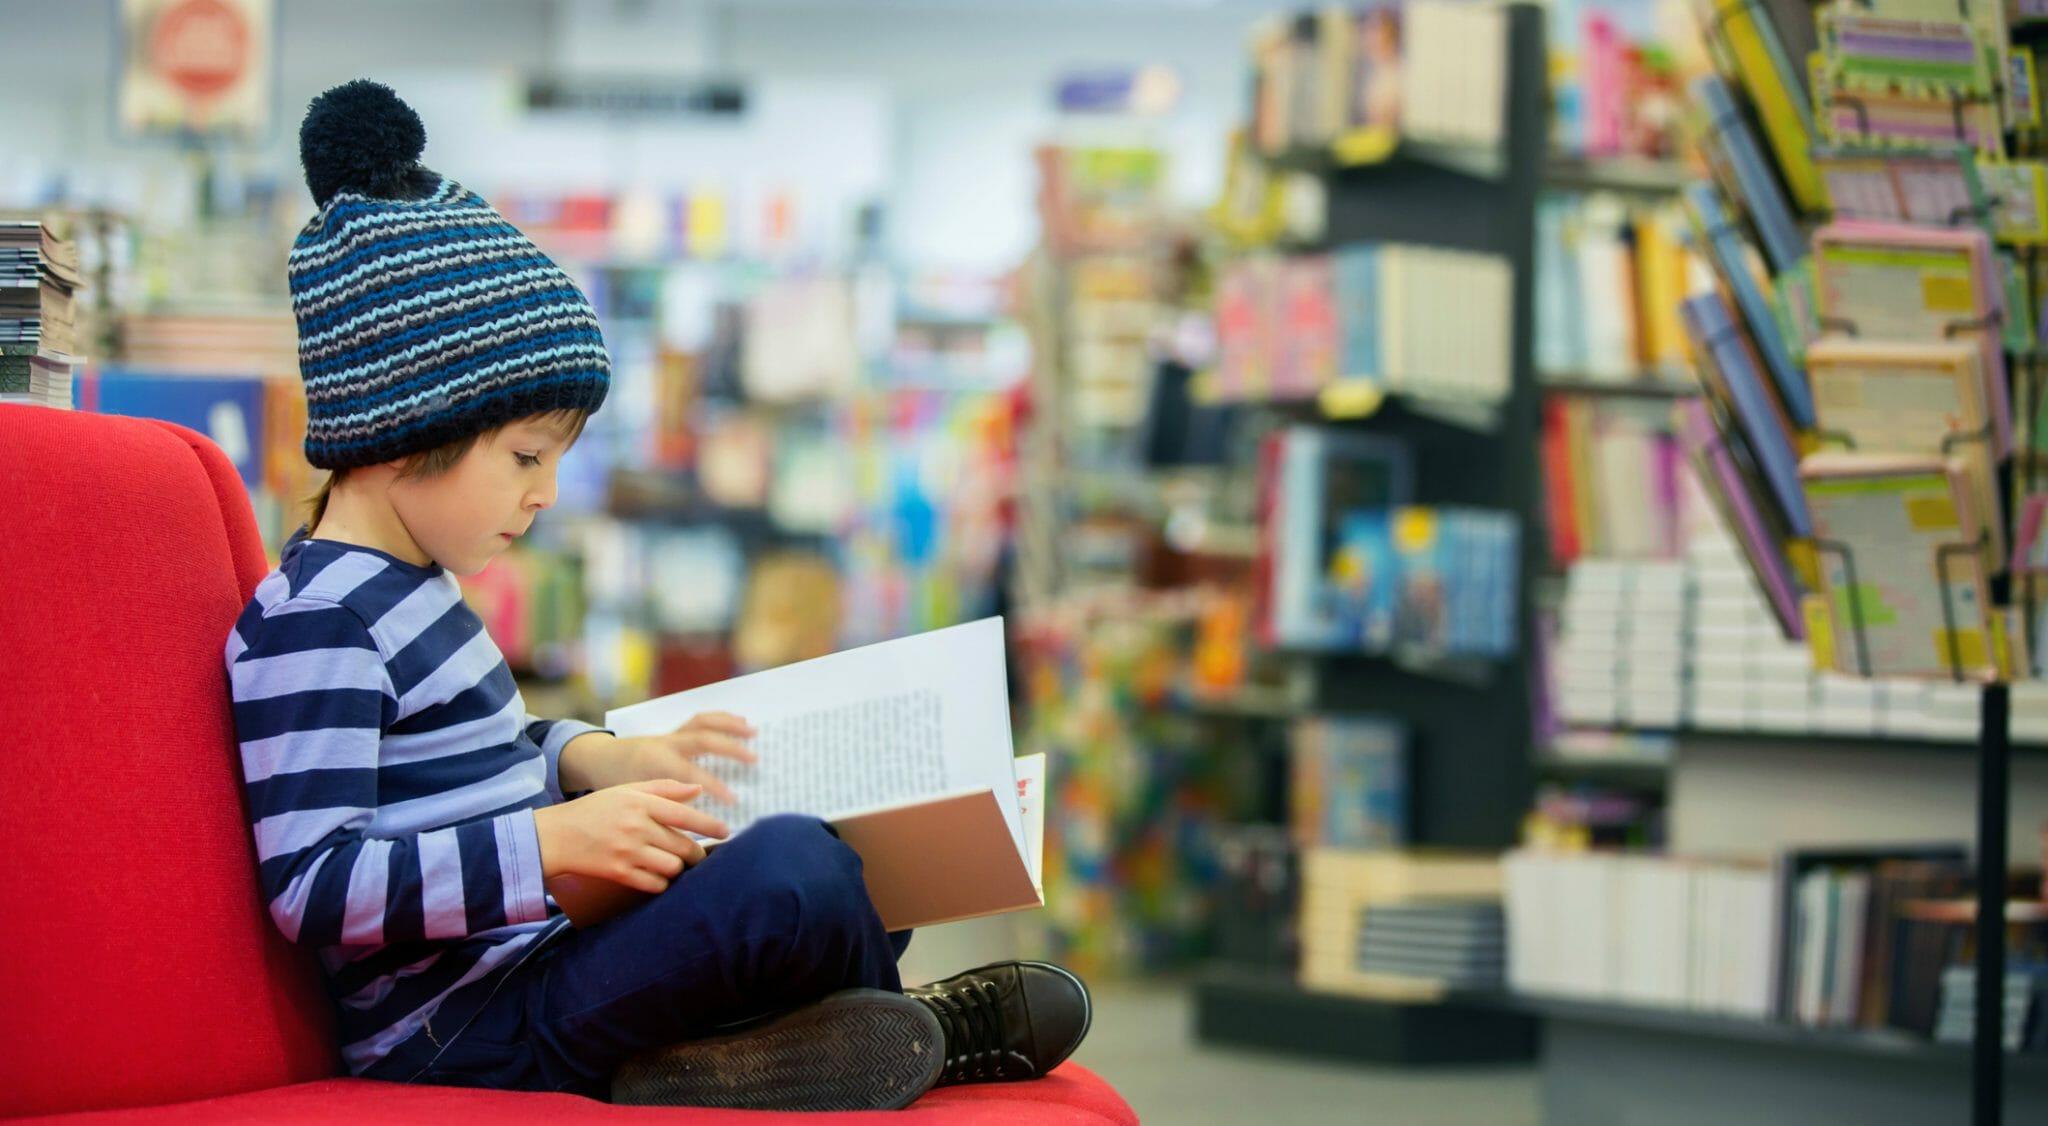 Come e perché raccontiamo la realtà nei libri per ragazzi: riflessioni sulla nuova non-fiction, fra Storia e attualità